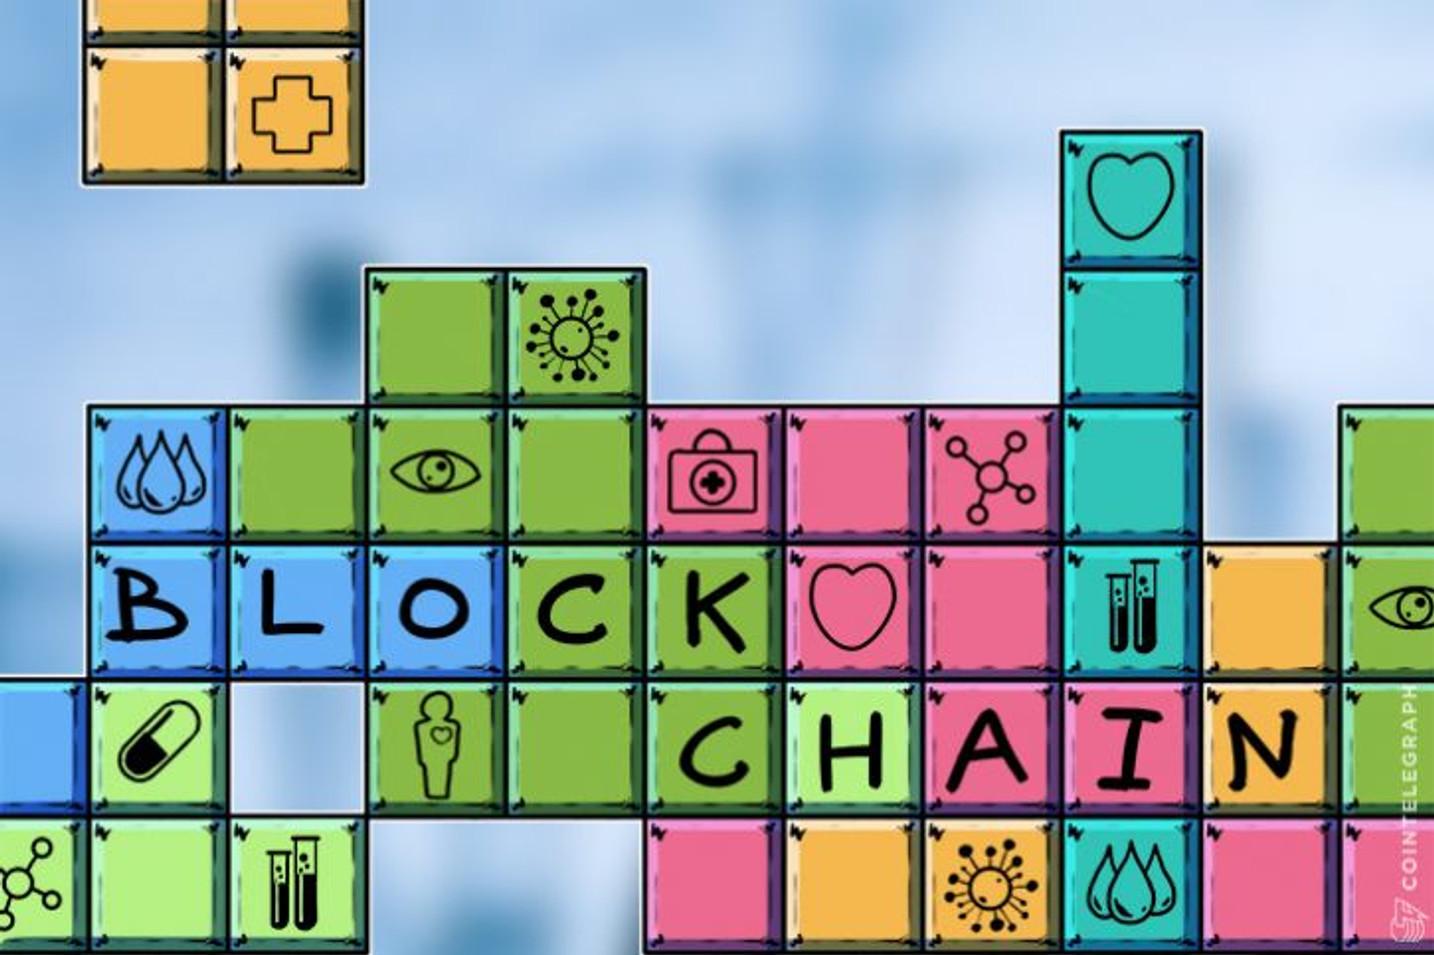 米国政府が、ヘルスケア事業におけるハッキング対策のためブロックチェーンに投資